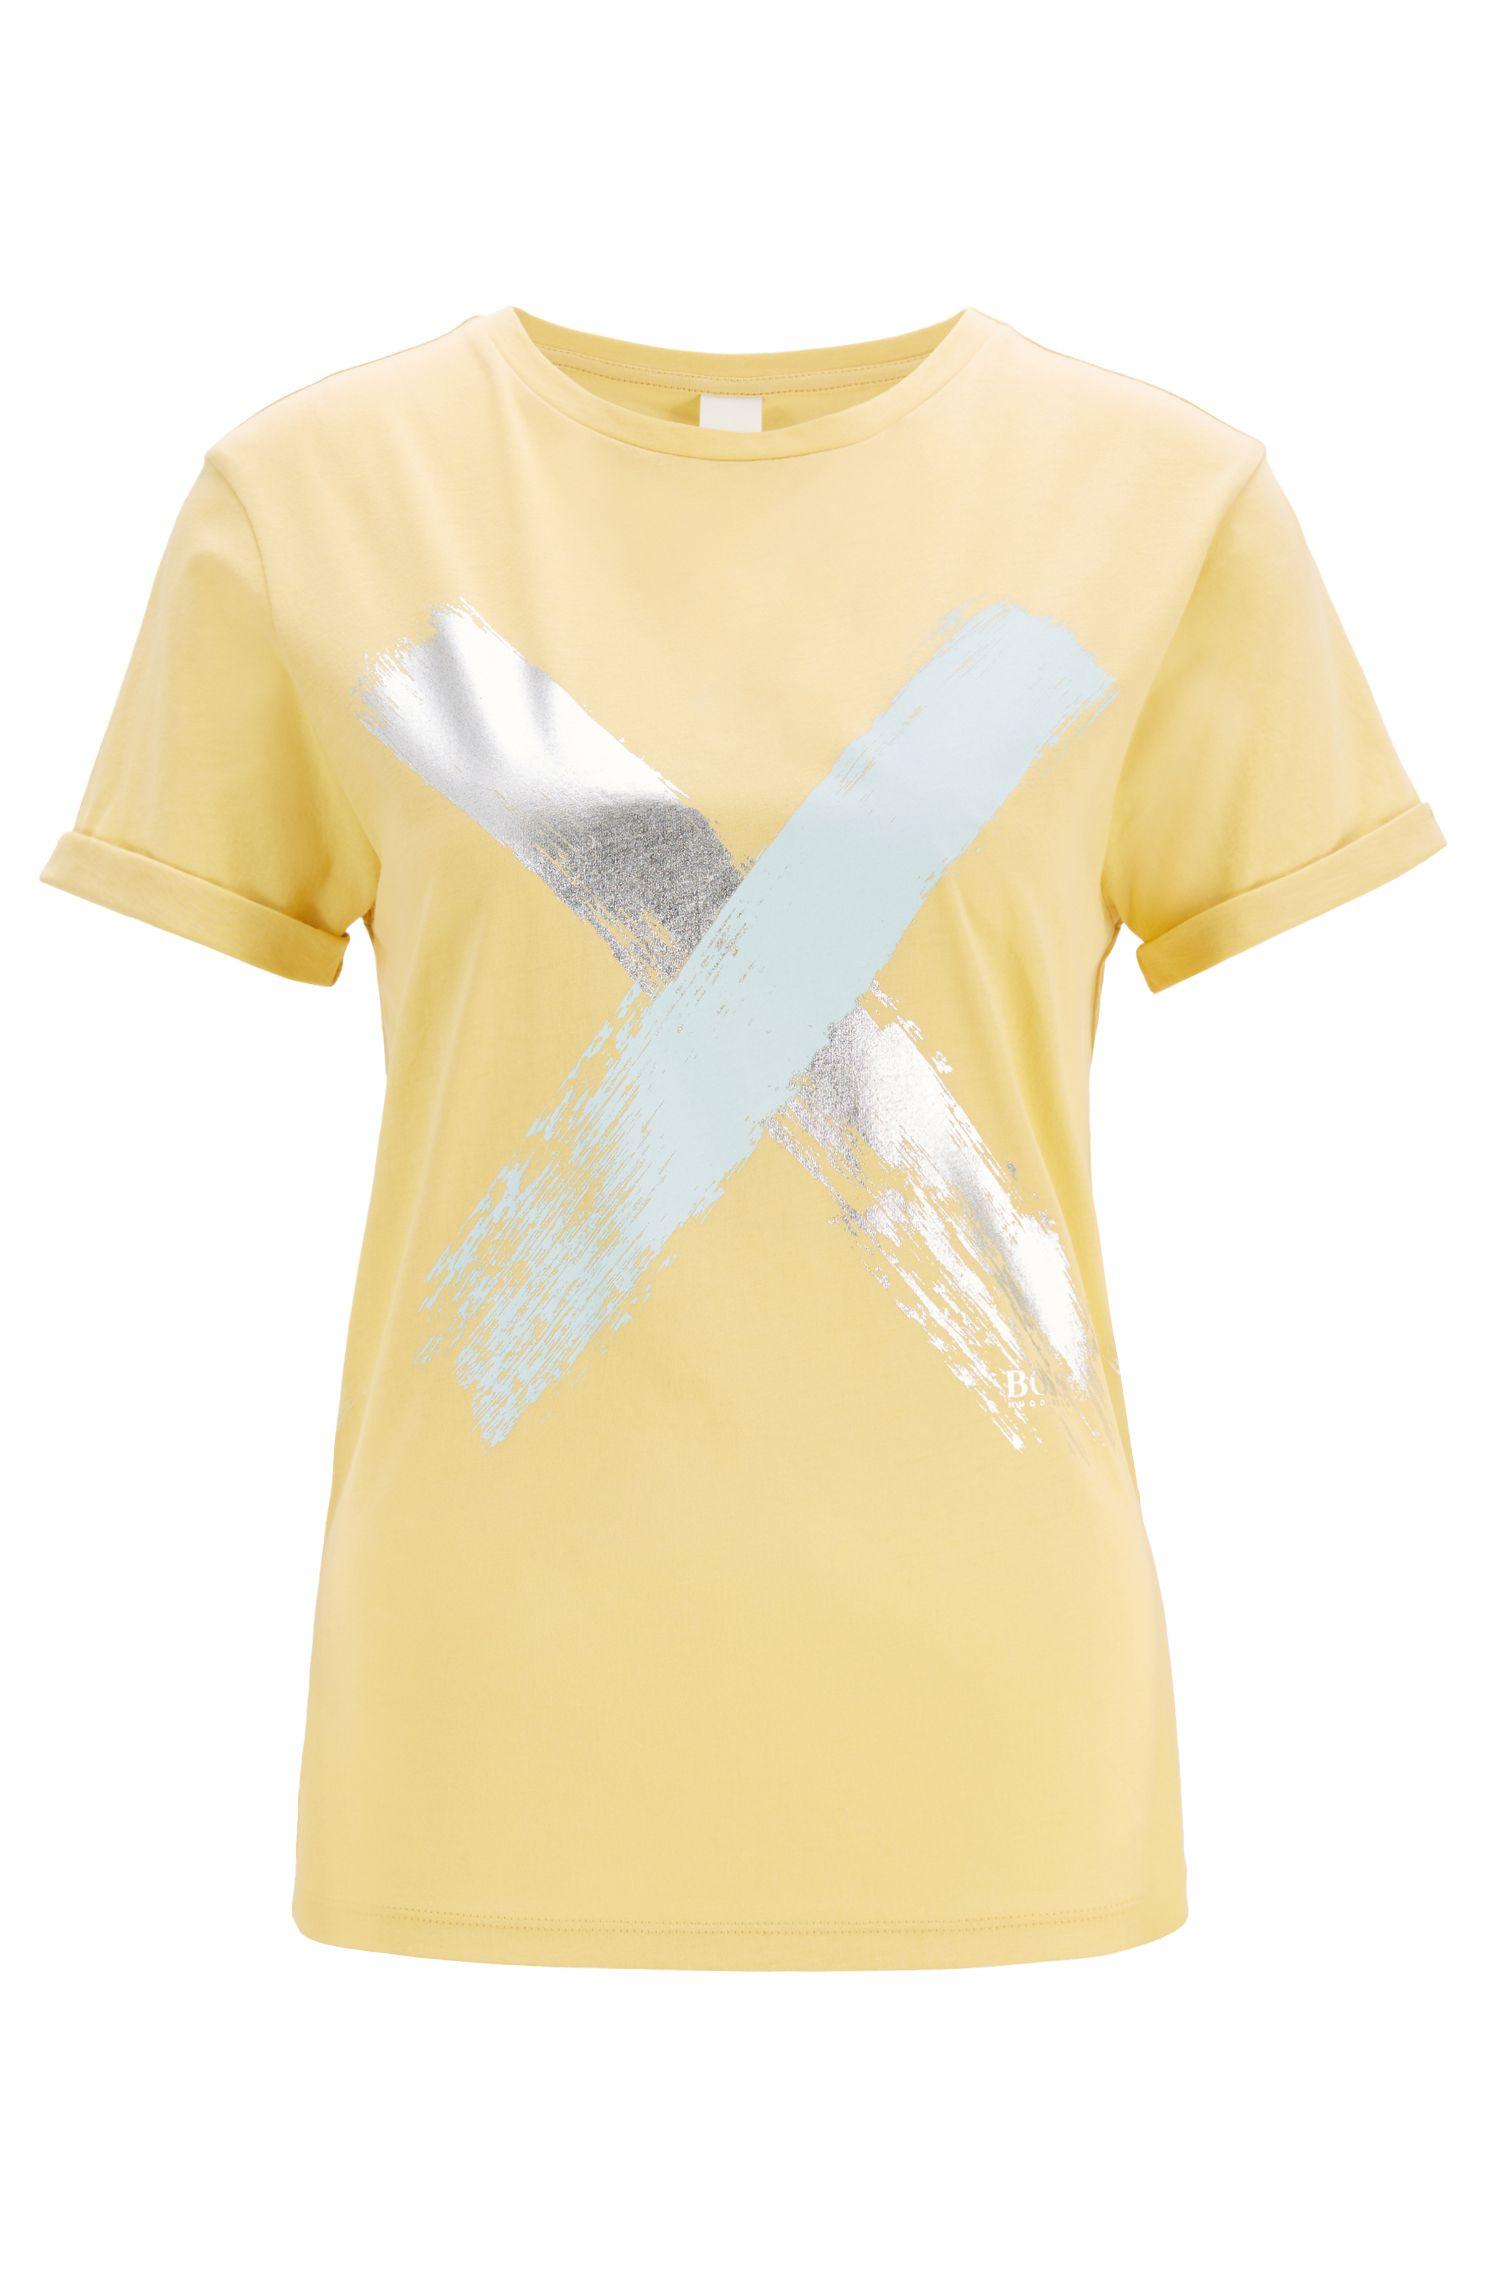 T-Shirt aus Baumwolle mit Kreuz-Print, Hellgelb